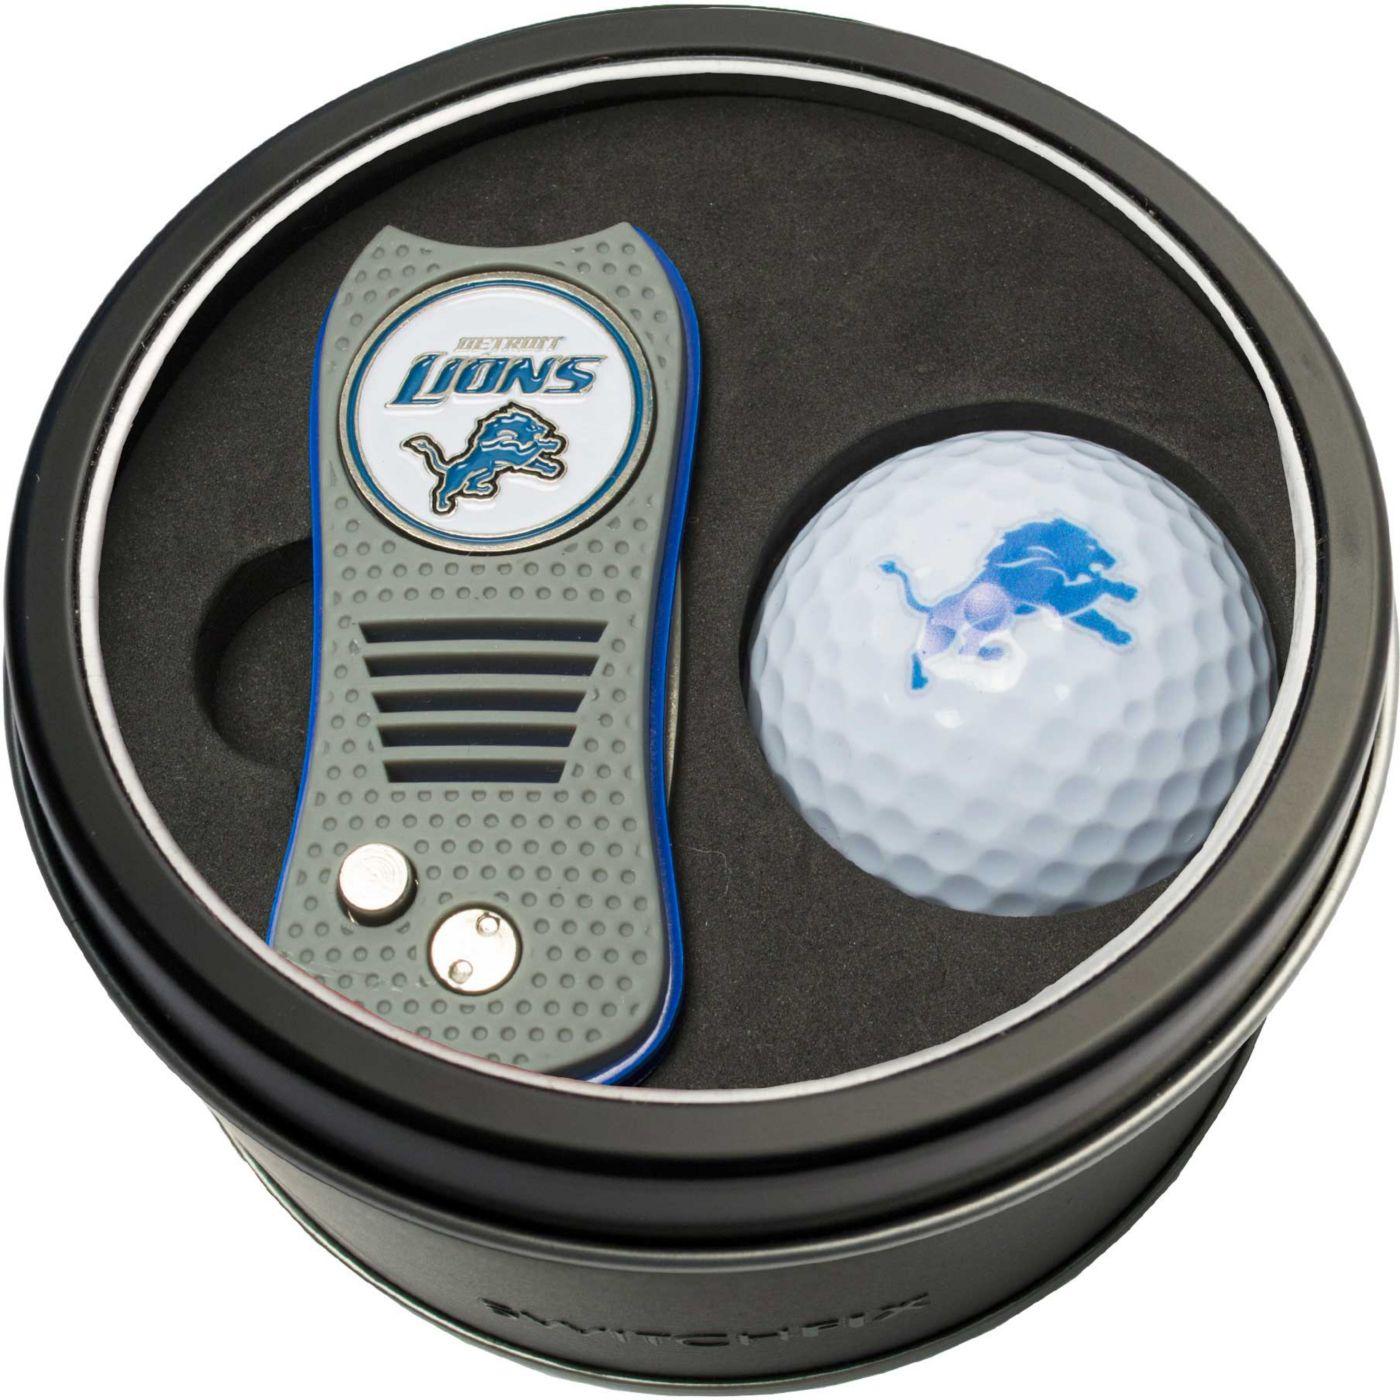 Team Golf Detroit Lions Switchfix Divot Tool and Golf Ball Set